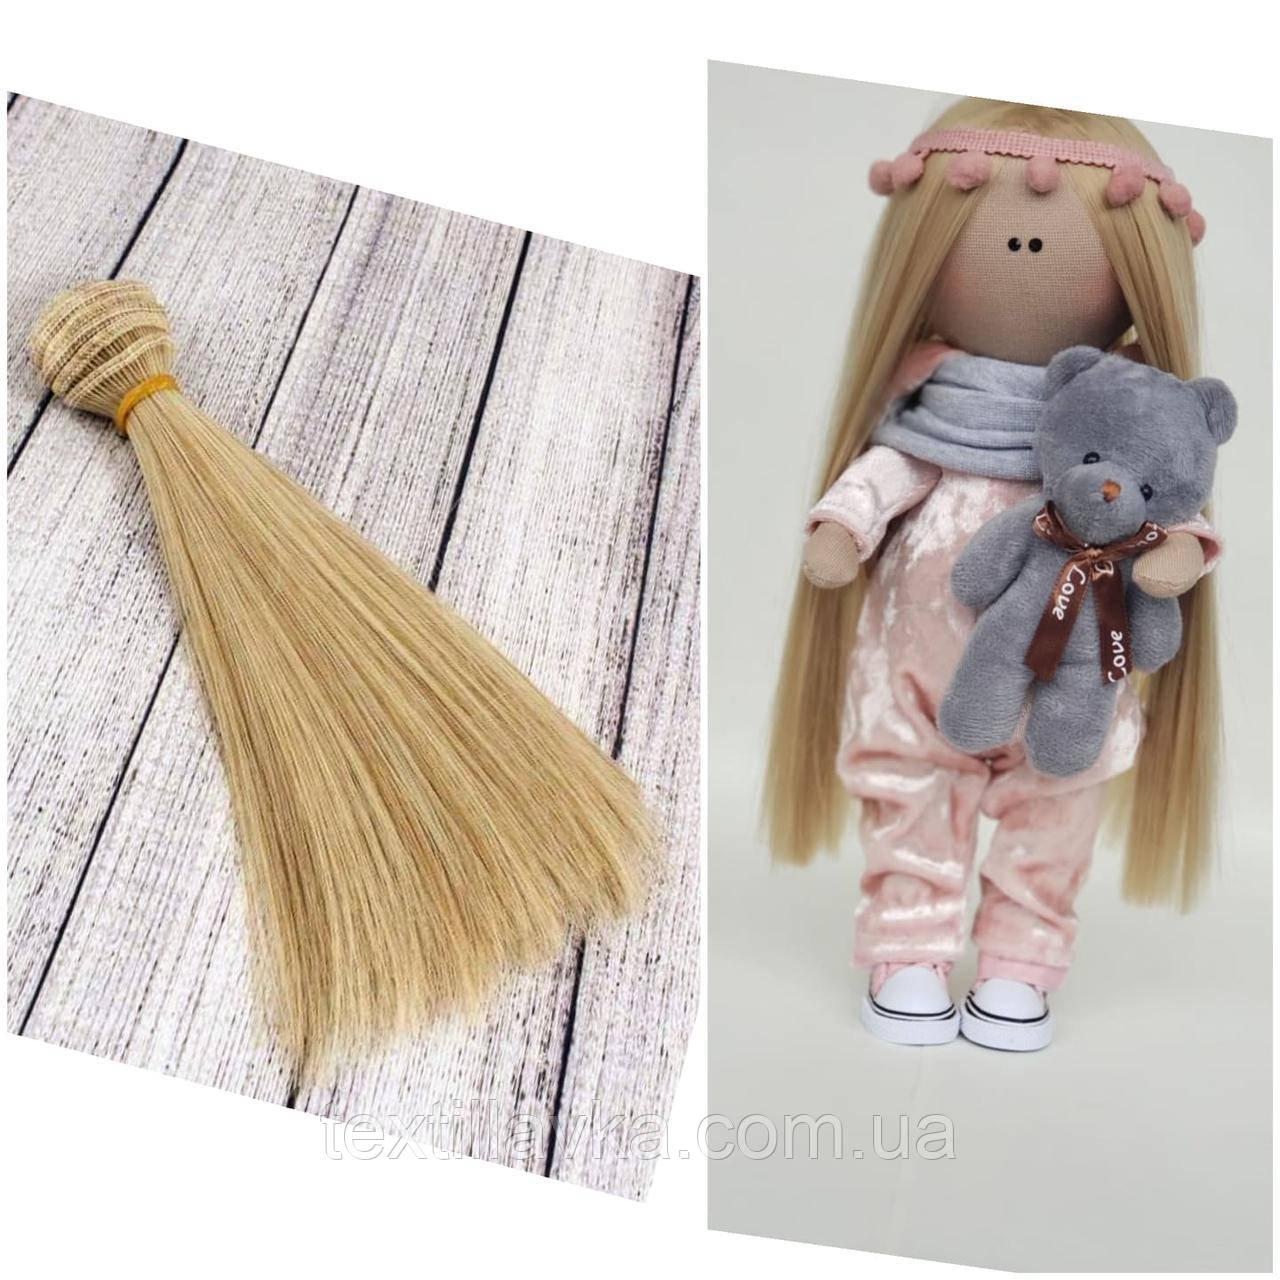 Волосы для кукол ровные русые 15см